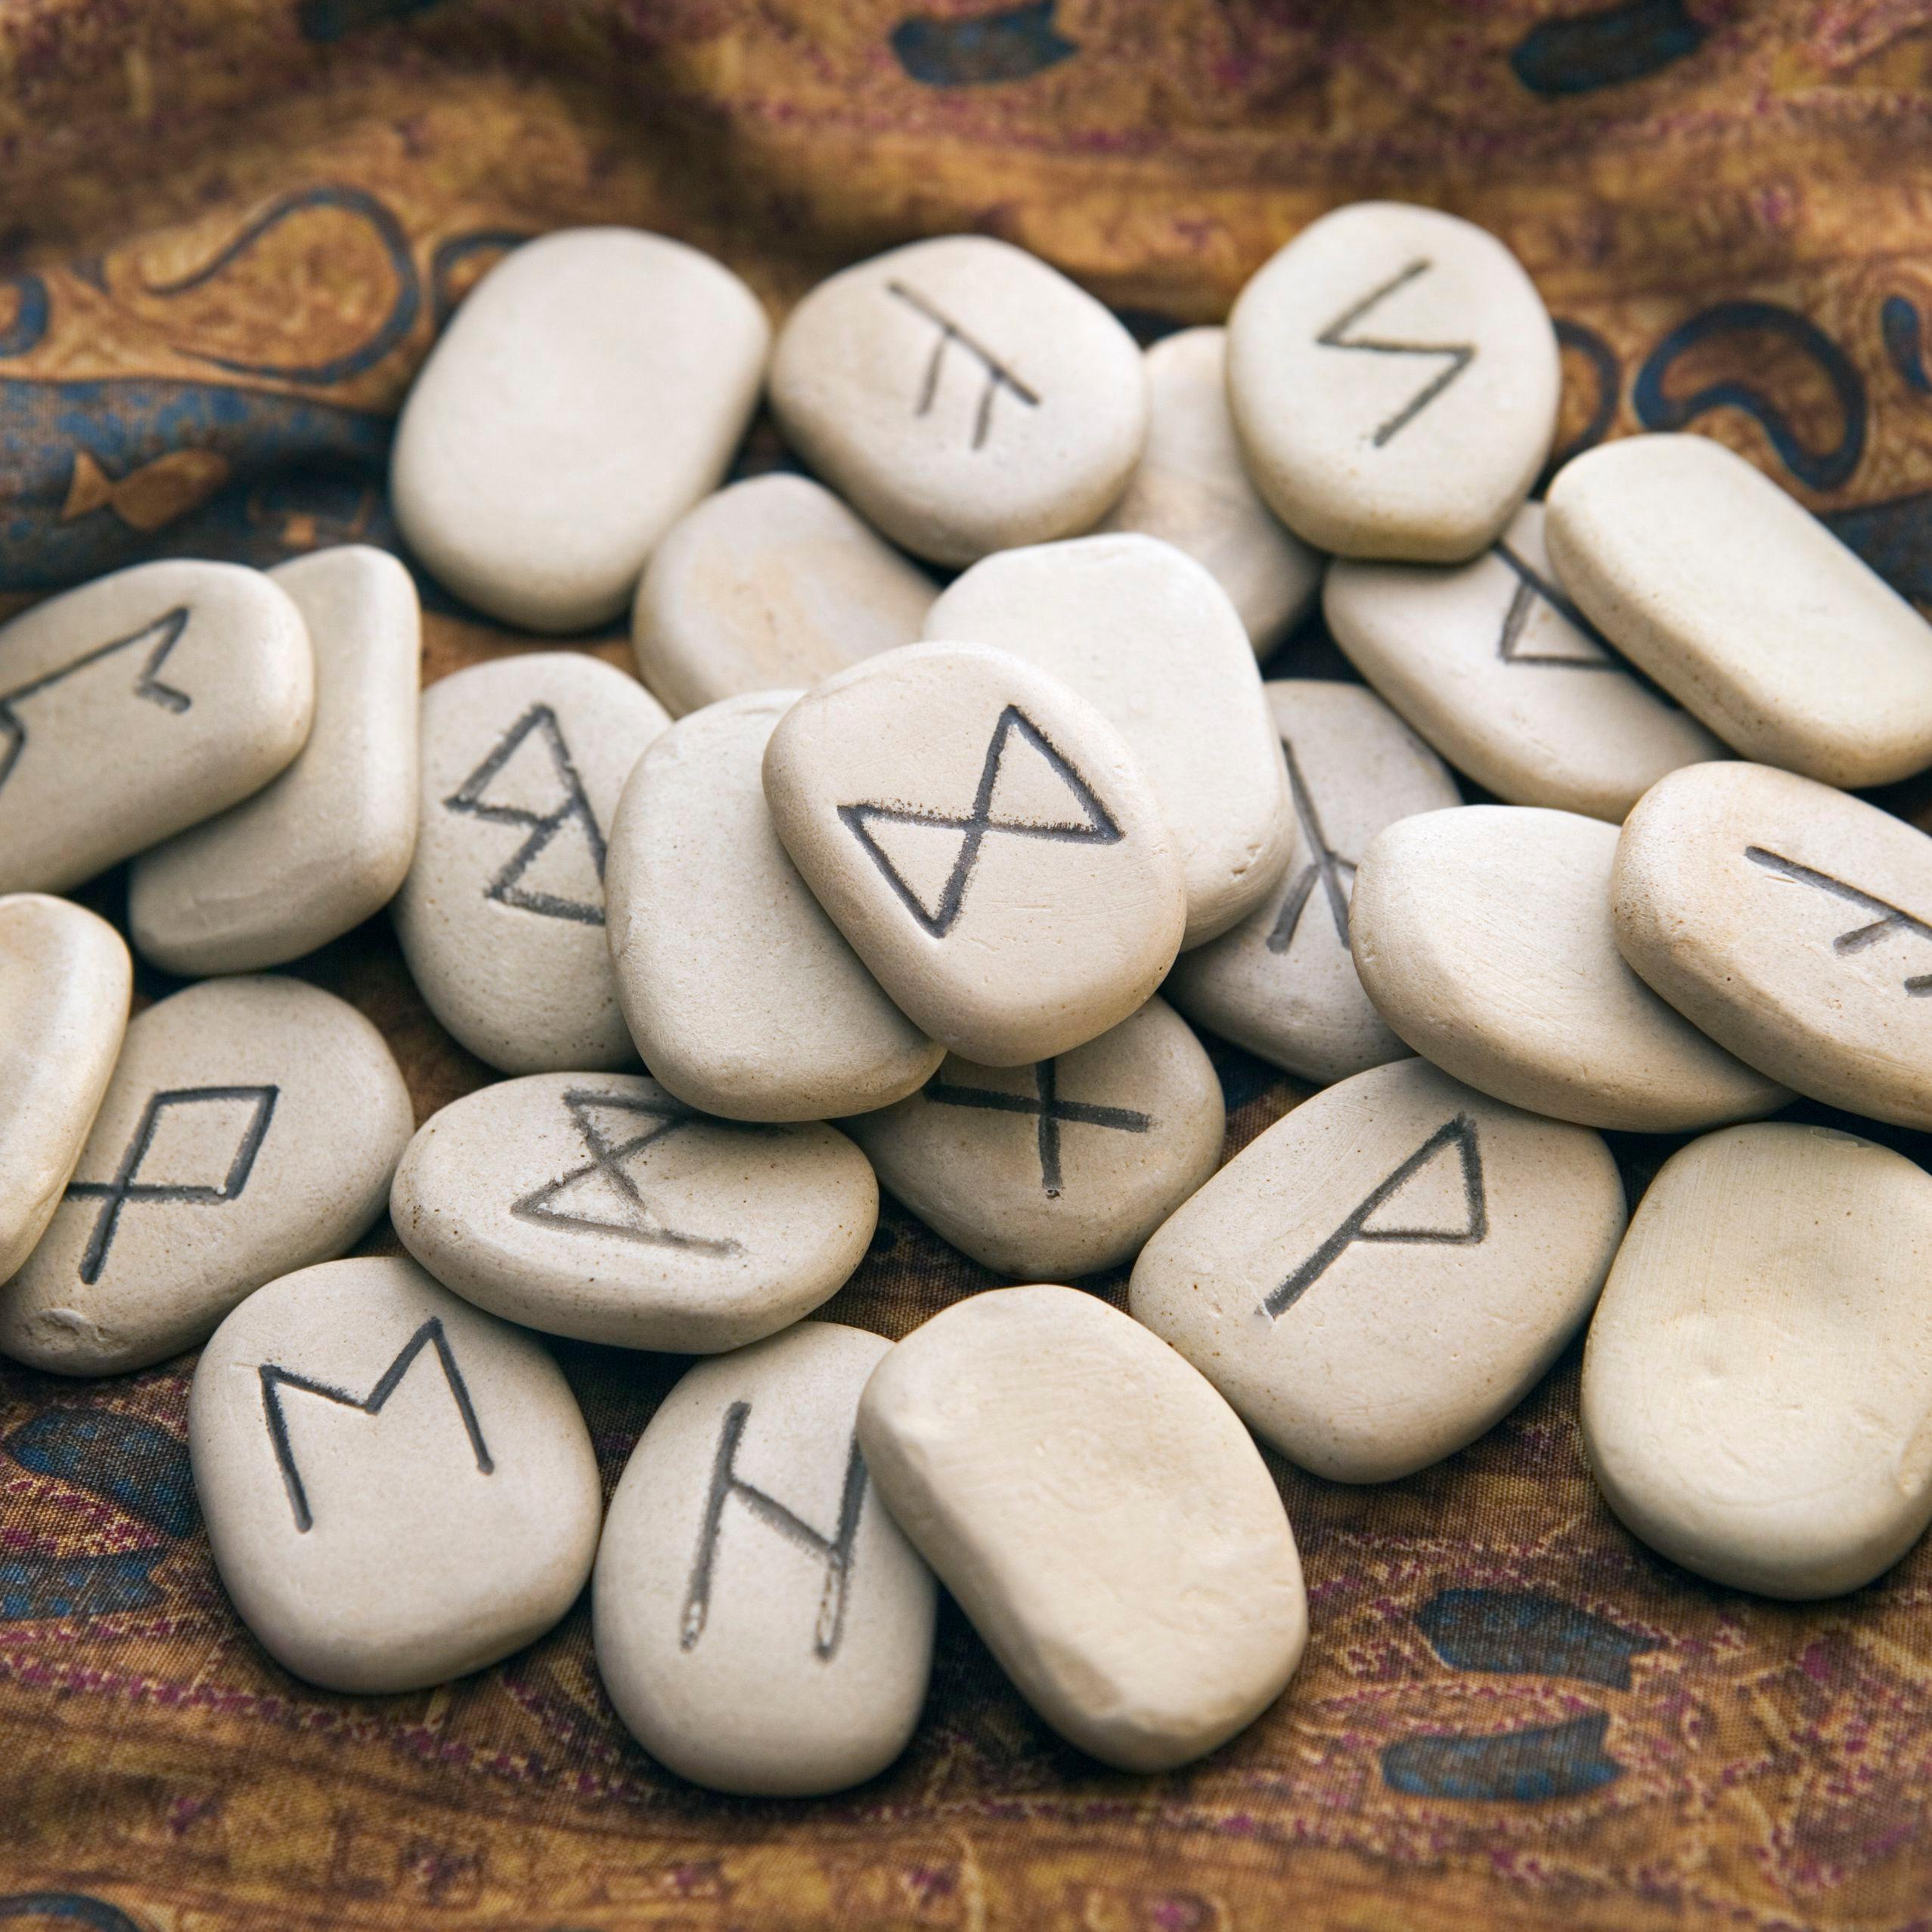 Elder Futhark Rune Readings